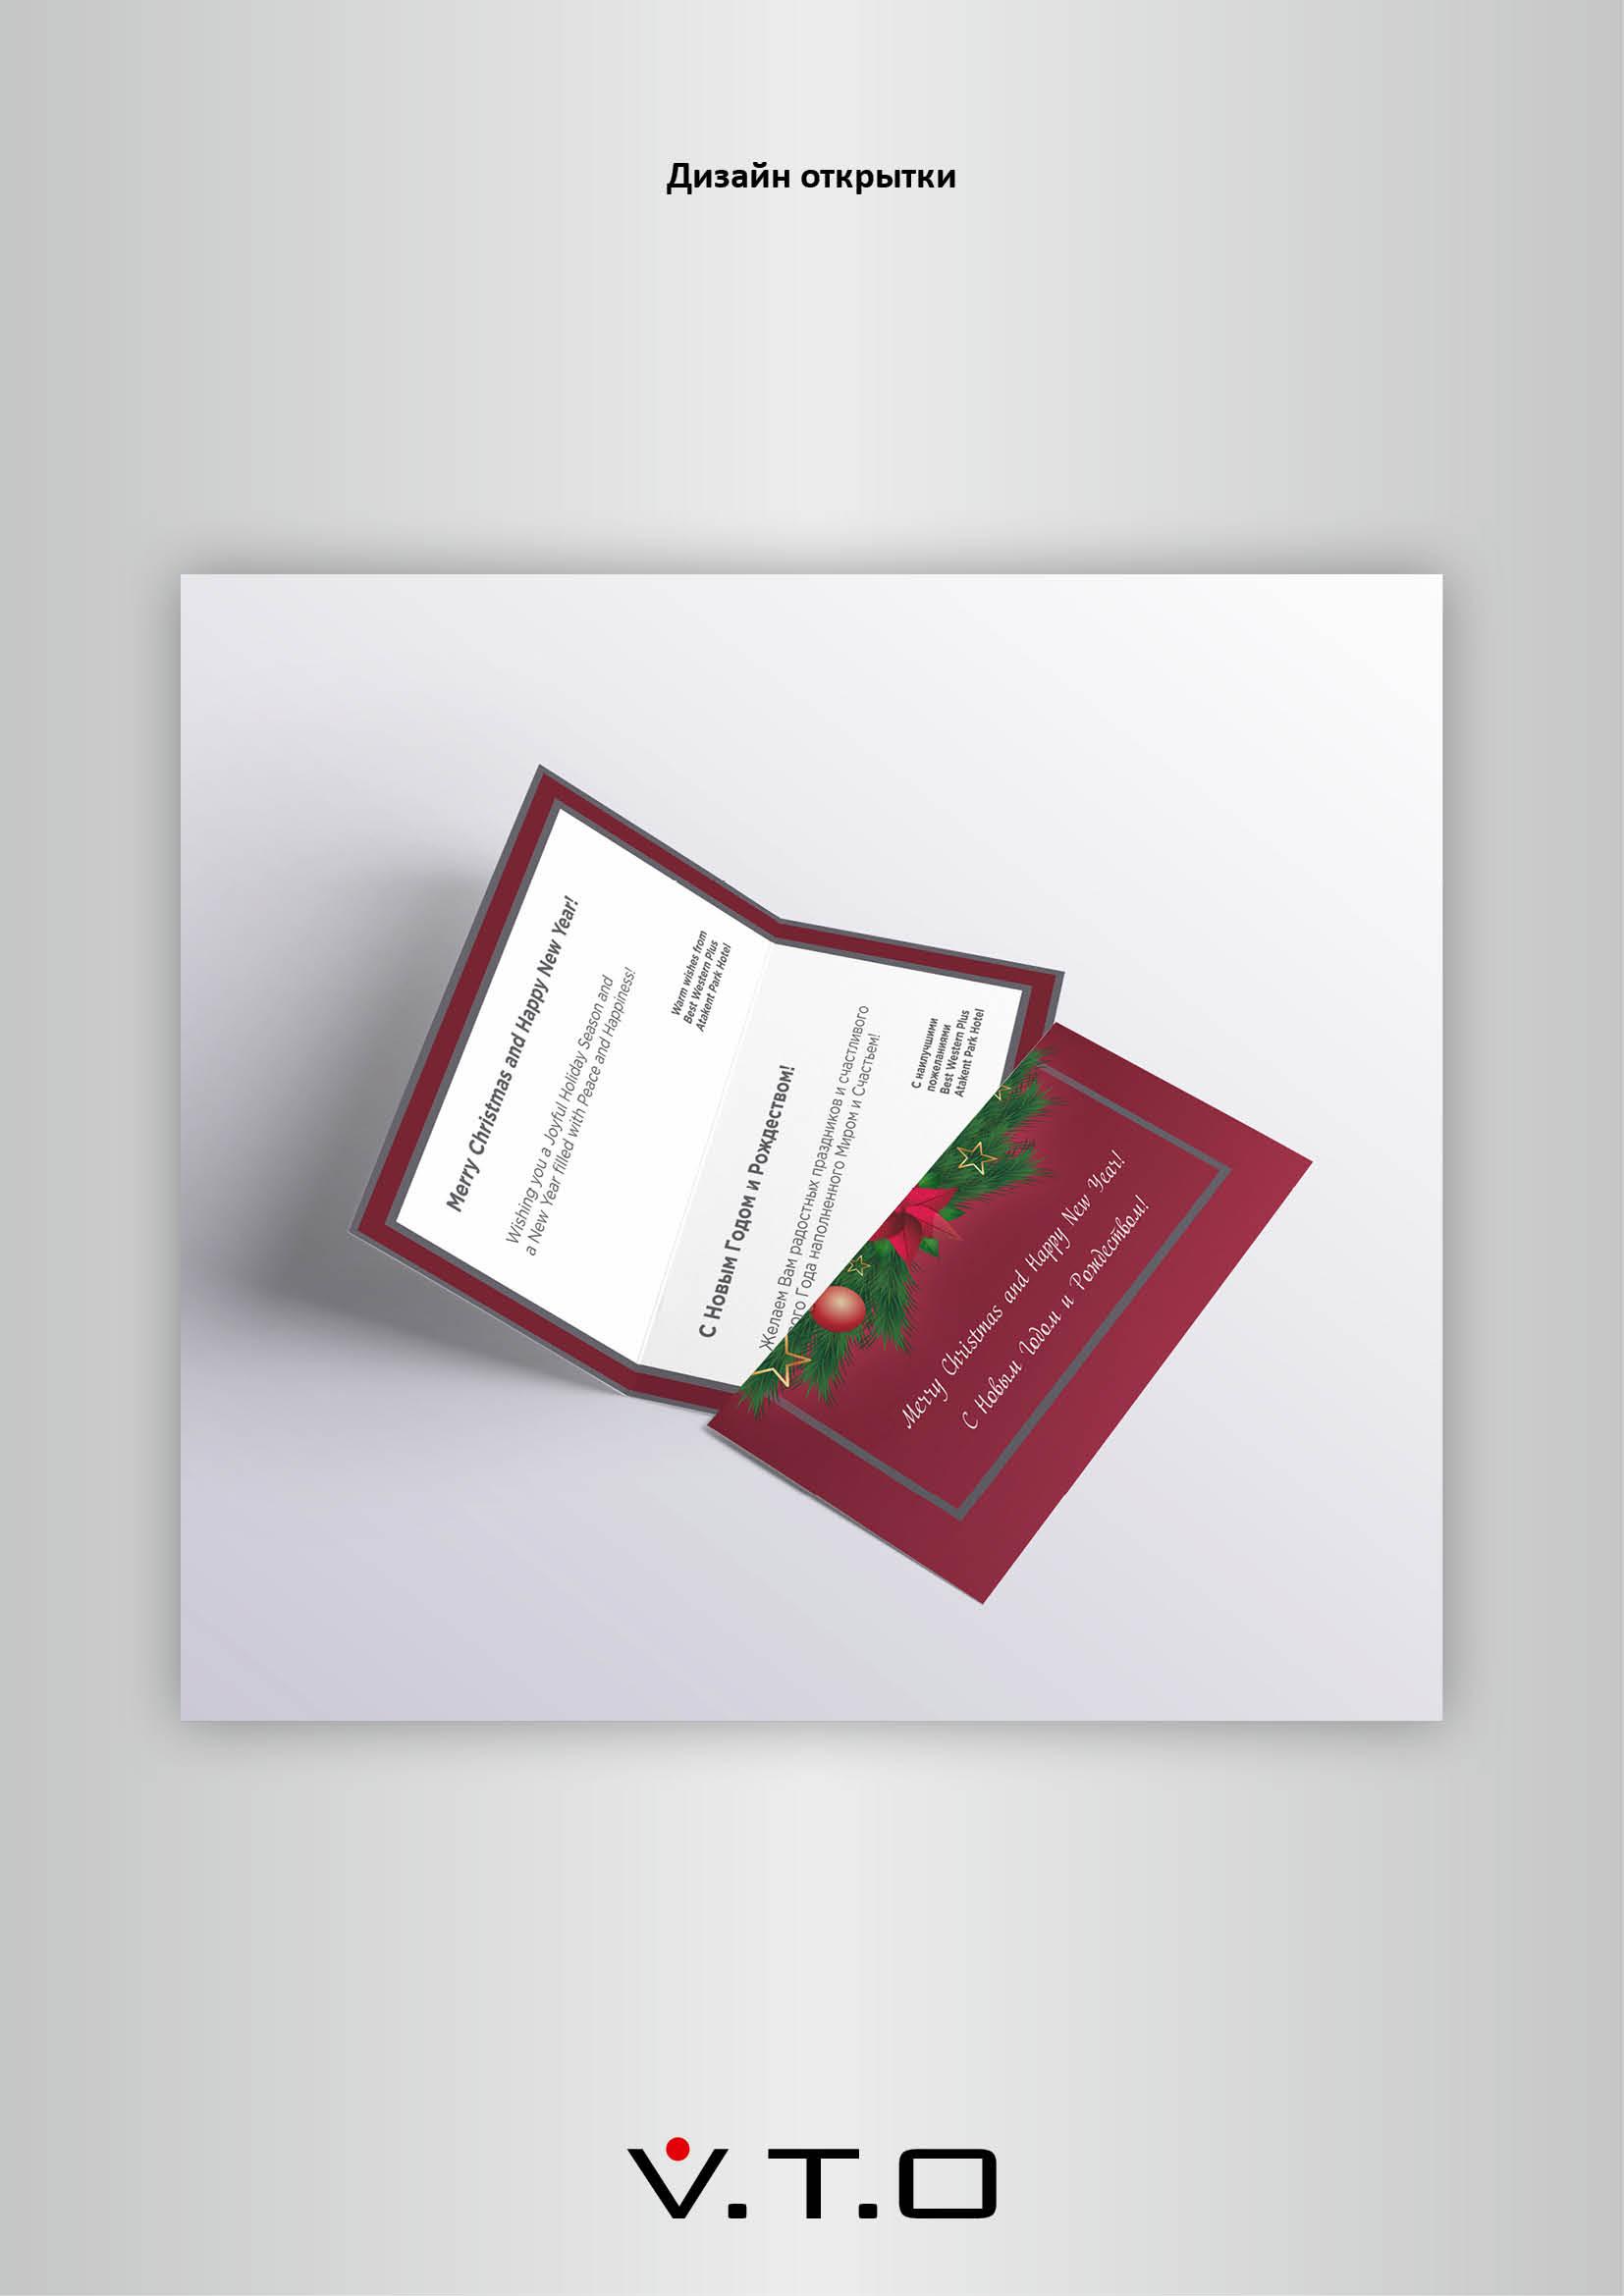 World Trade Center Almaty, дизайн открытки алматы, новый год, дизайн, полиграфия